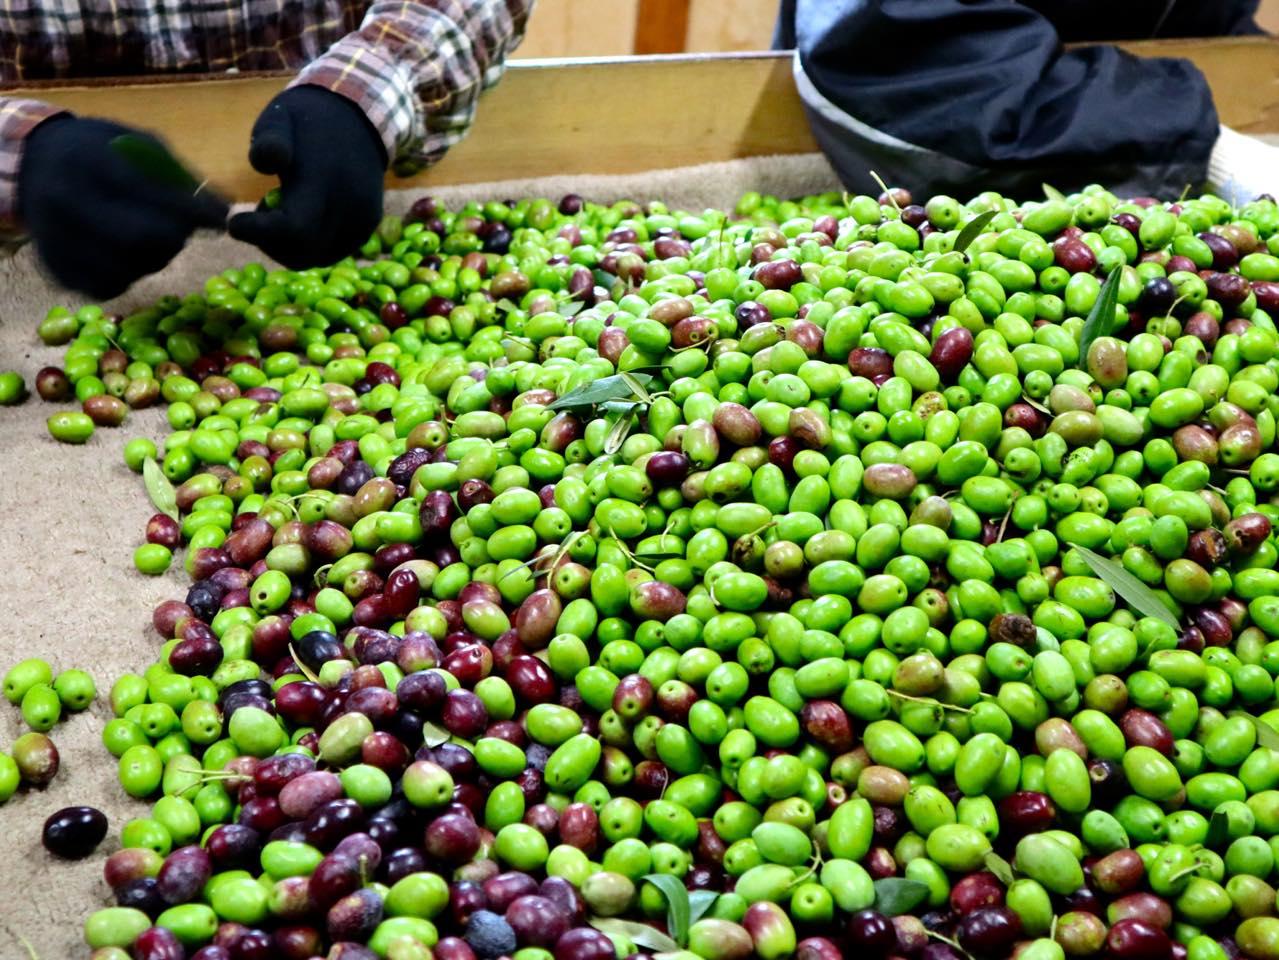 熟度や状態を確かめながら果実を選別する「選果体験」